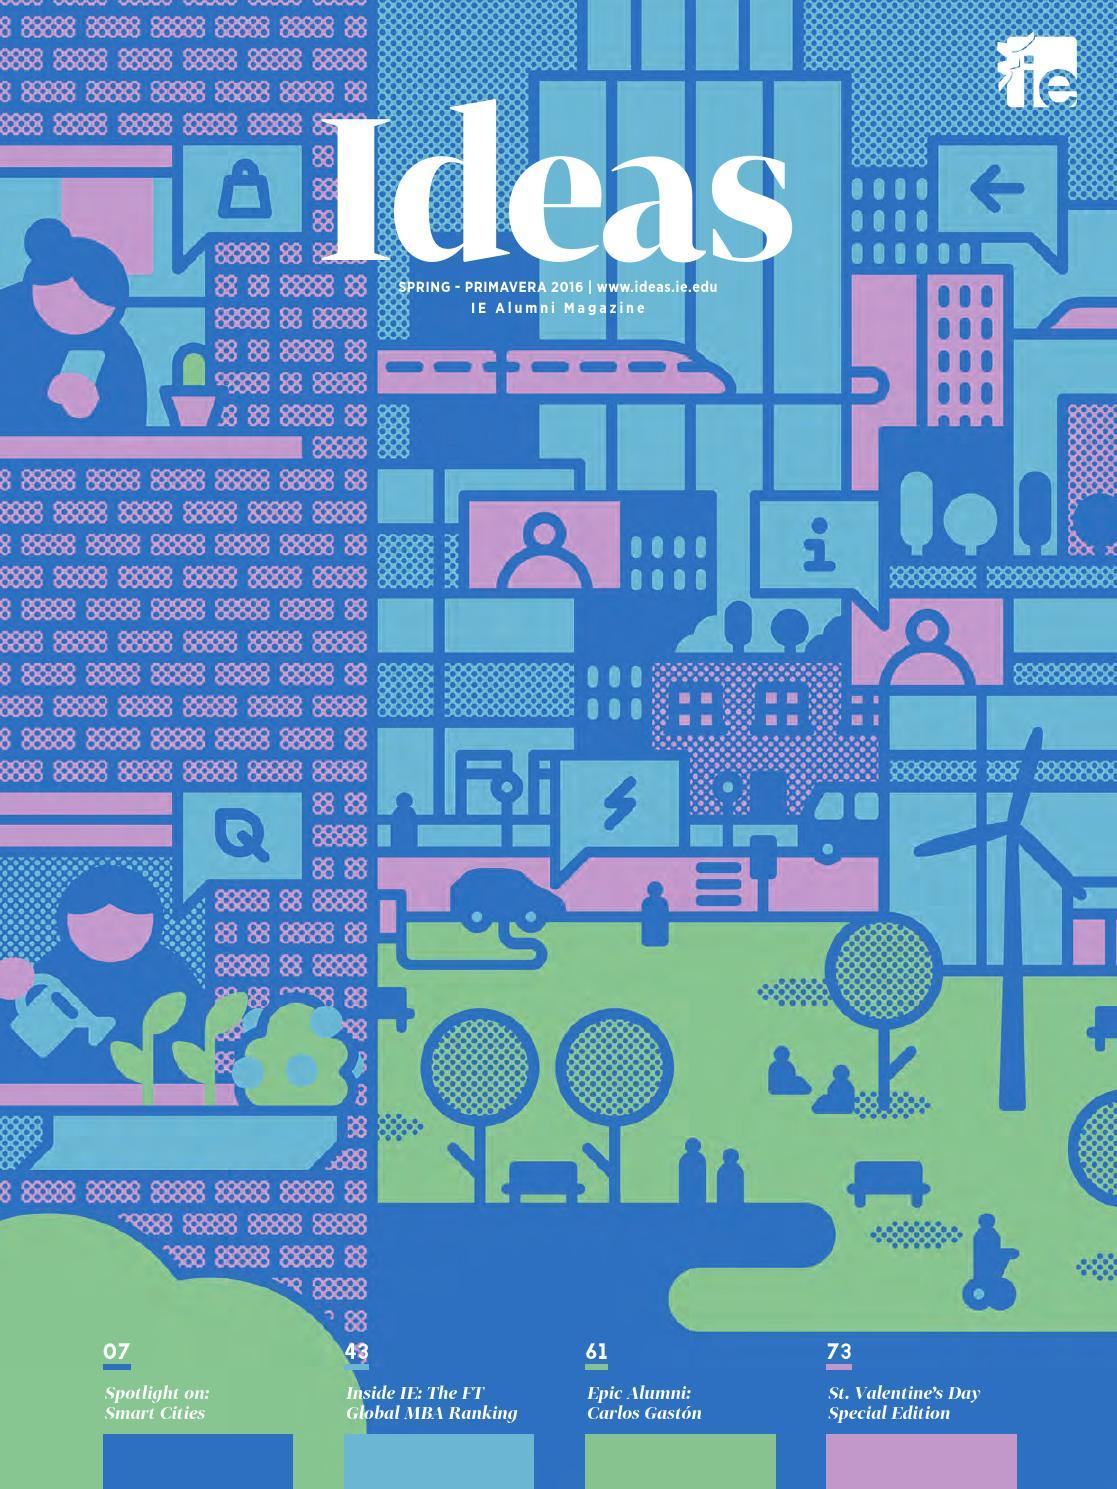 Ideas 130 by IE Alumni - issuu